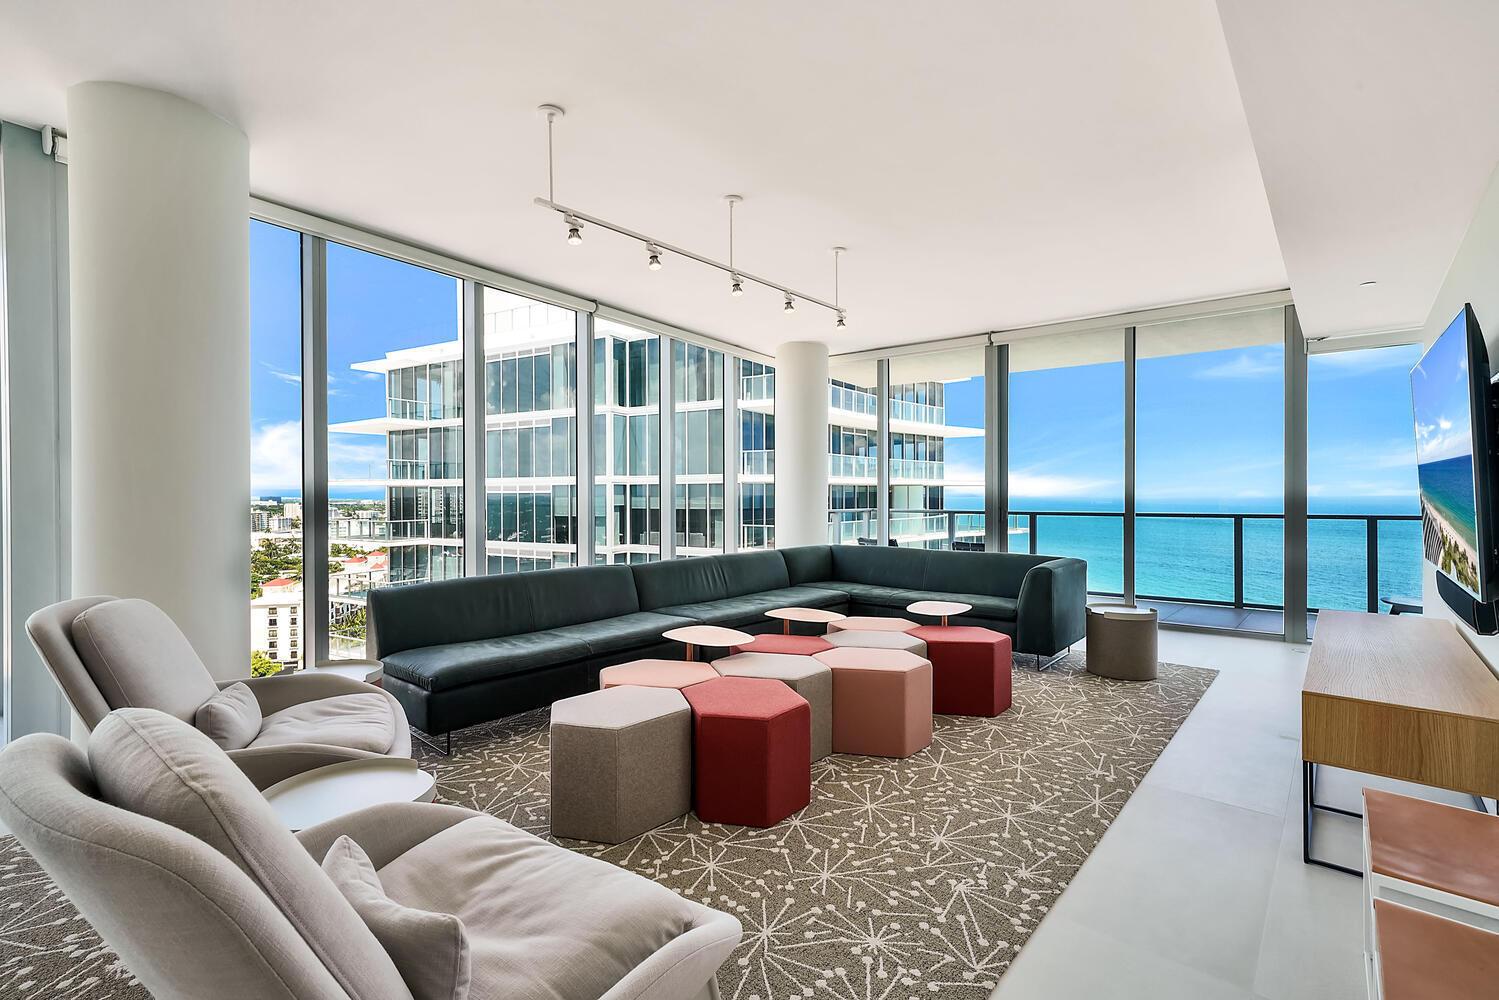 2200 N Ocean Boulevard, Fort Lauderdale, Florida 33305, 3 Bedrooms Bedrooms, ,4 BathroomsBathrooms,Condominium,For Sale,2200 N Ocean Boulevard,23,RX-10656213